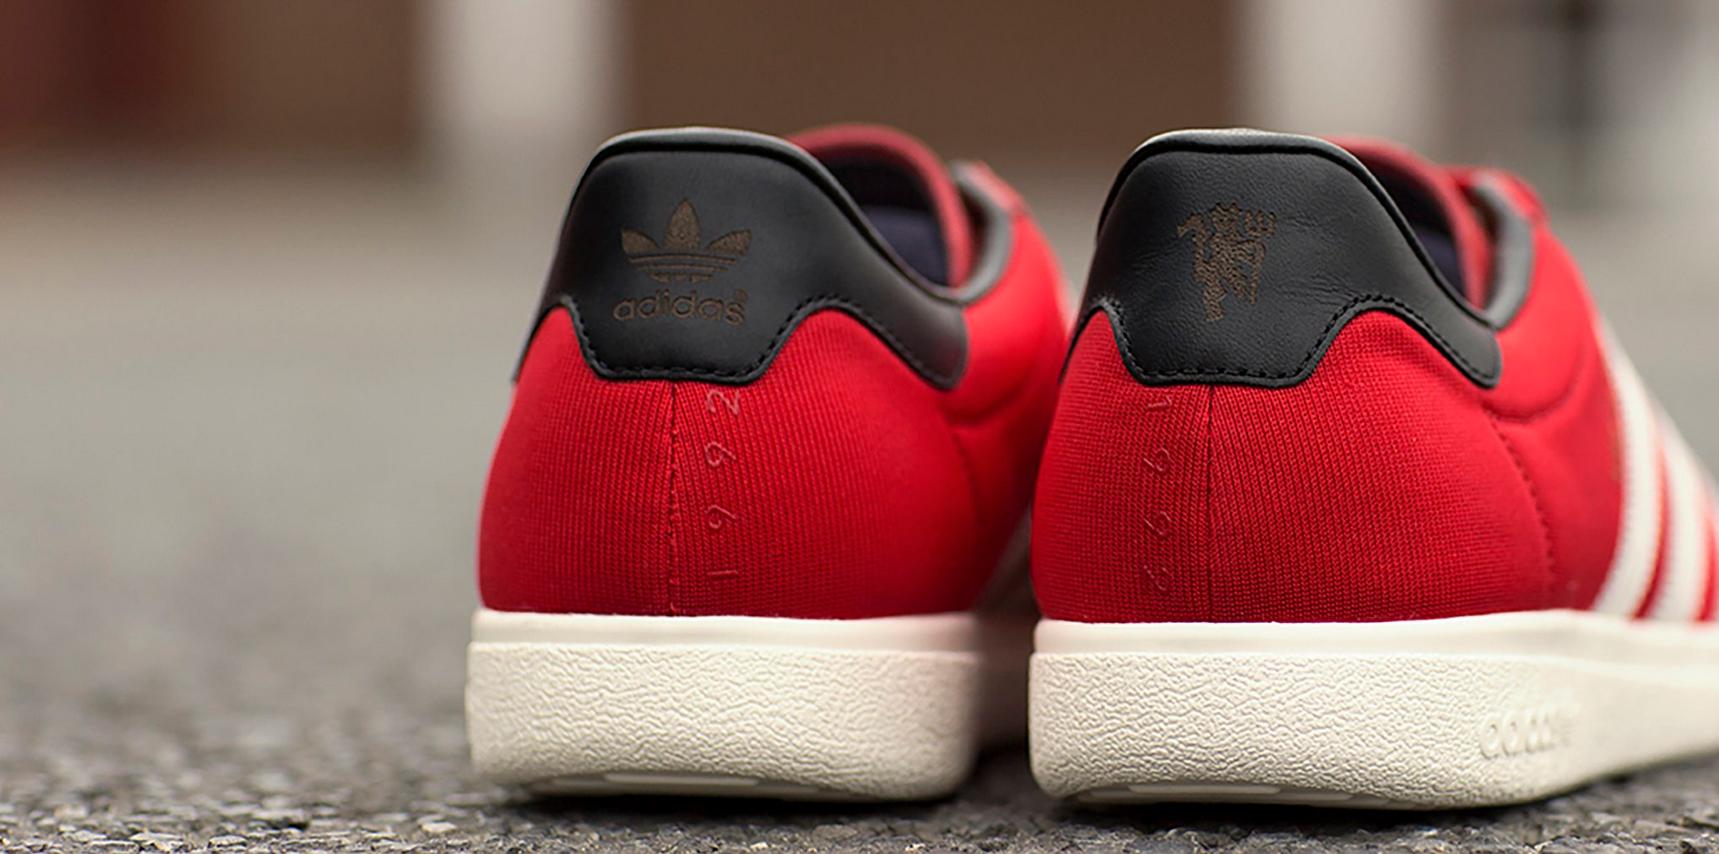 Adidas sort des sneakers pour célébrer les 25 ans de la